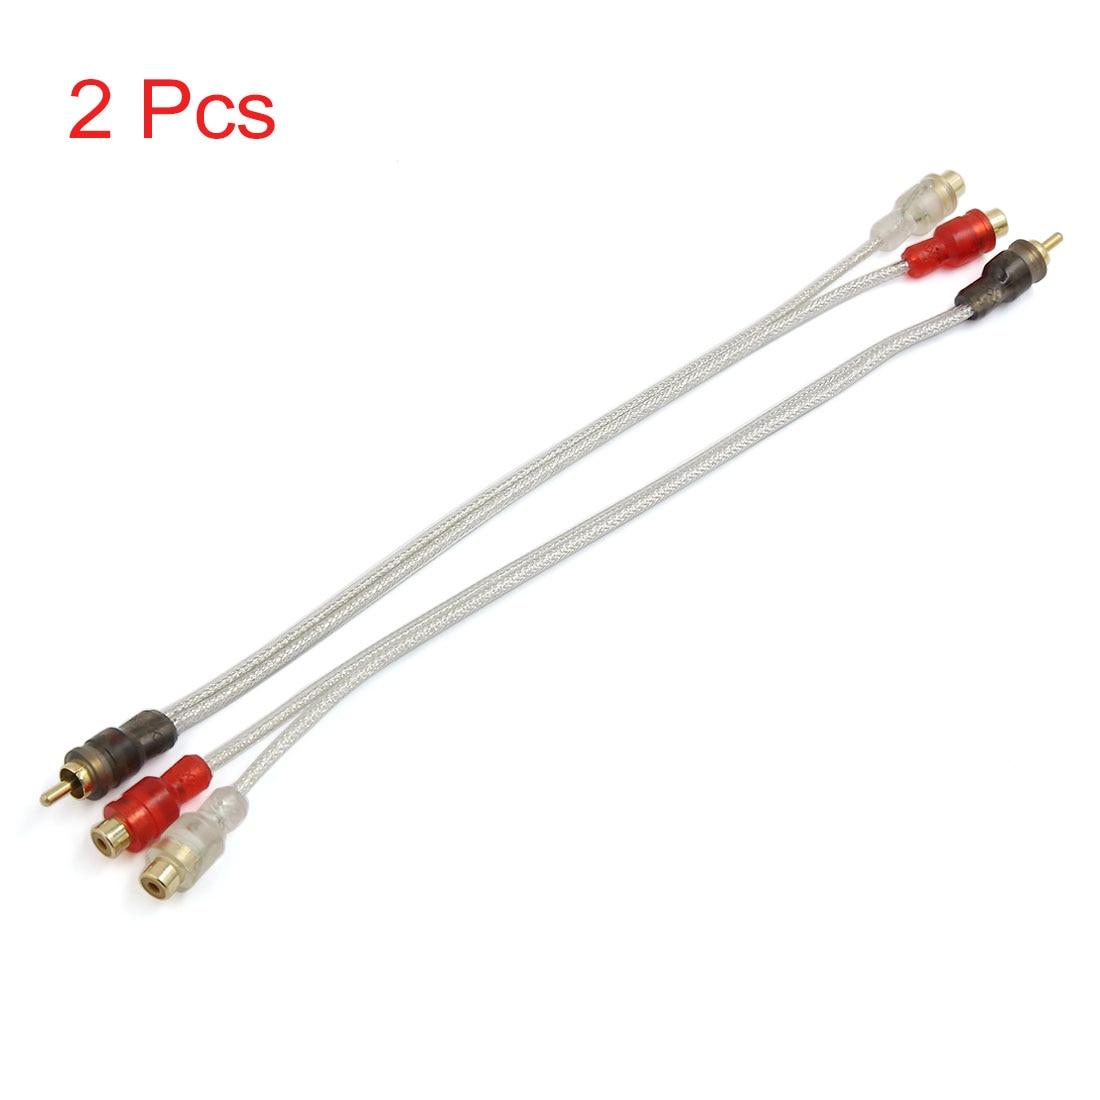 Uxcell 2pcs 31cm Car Amplifier Audio Y Splitter Cord Cable